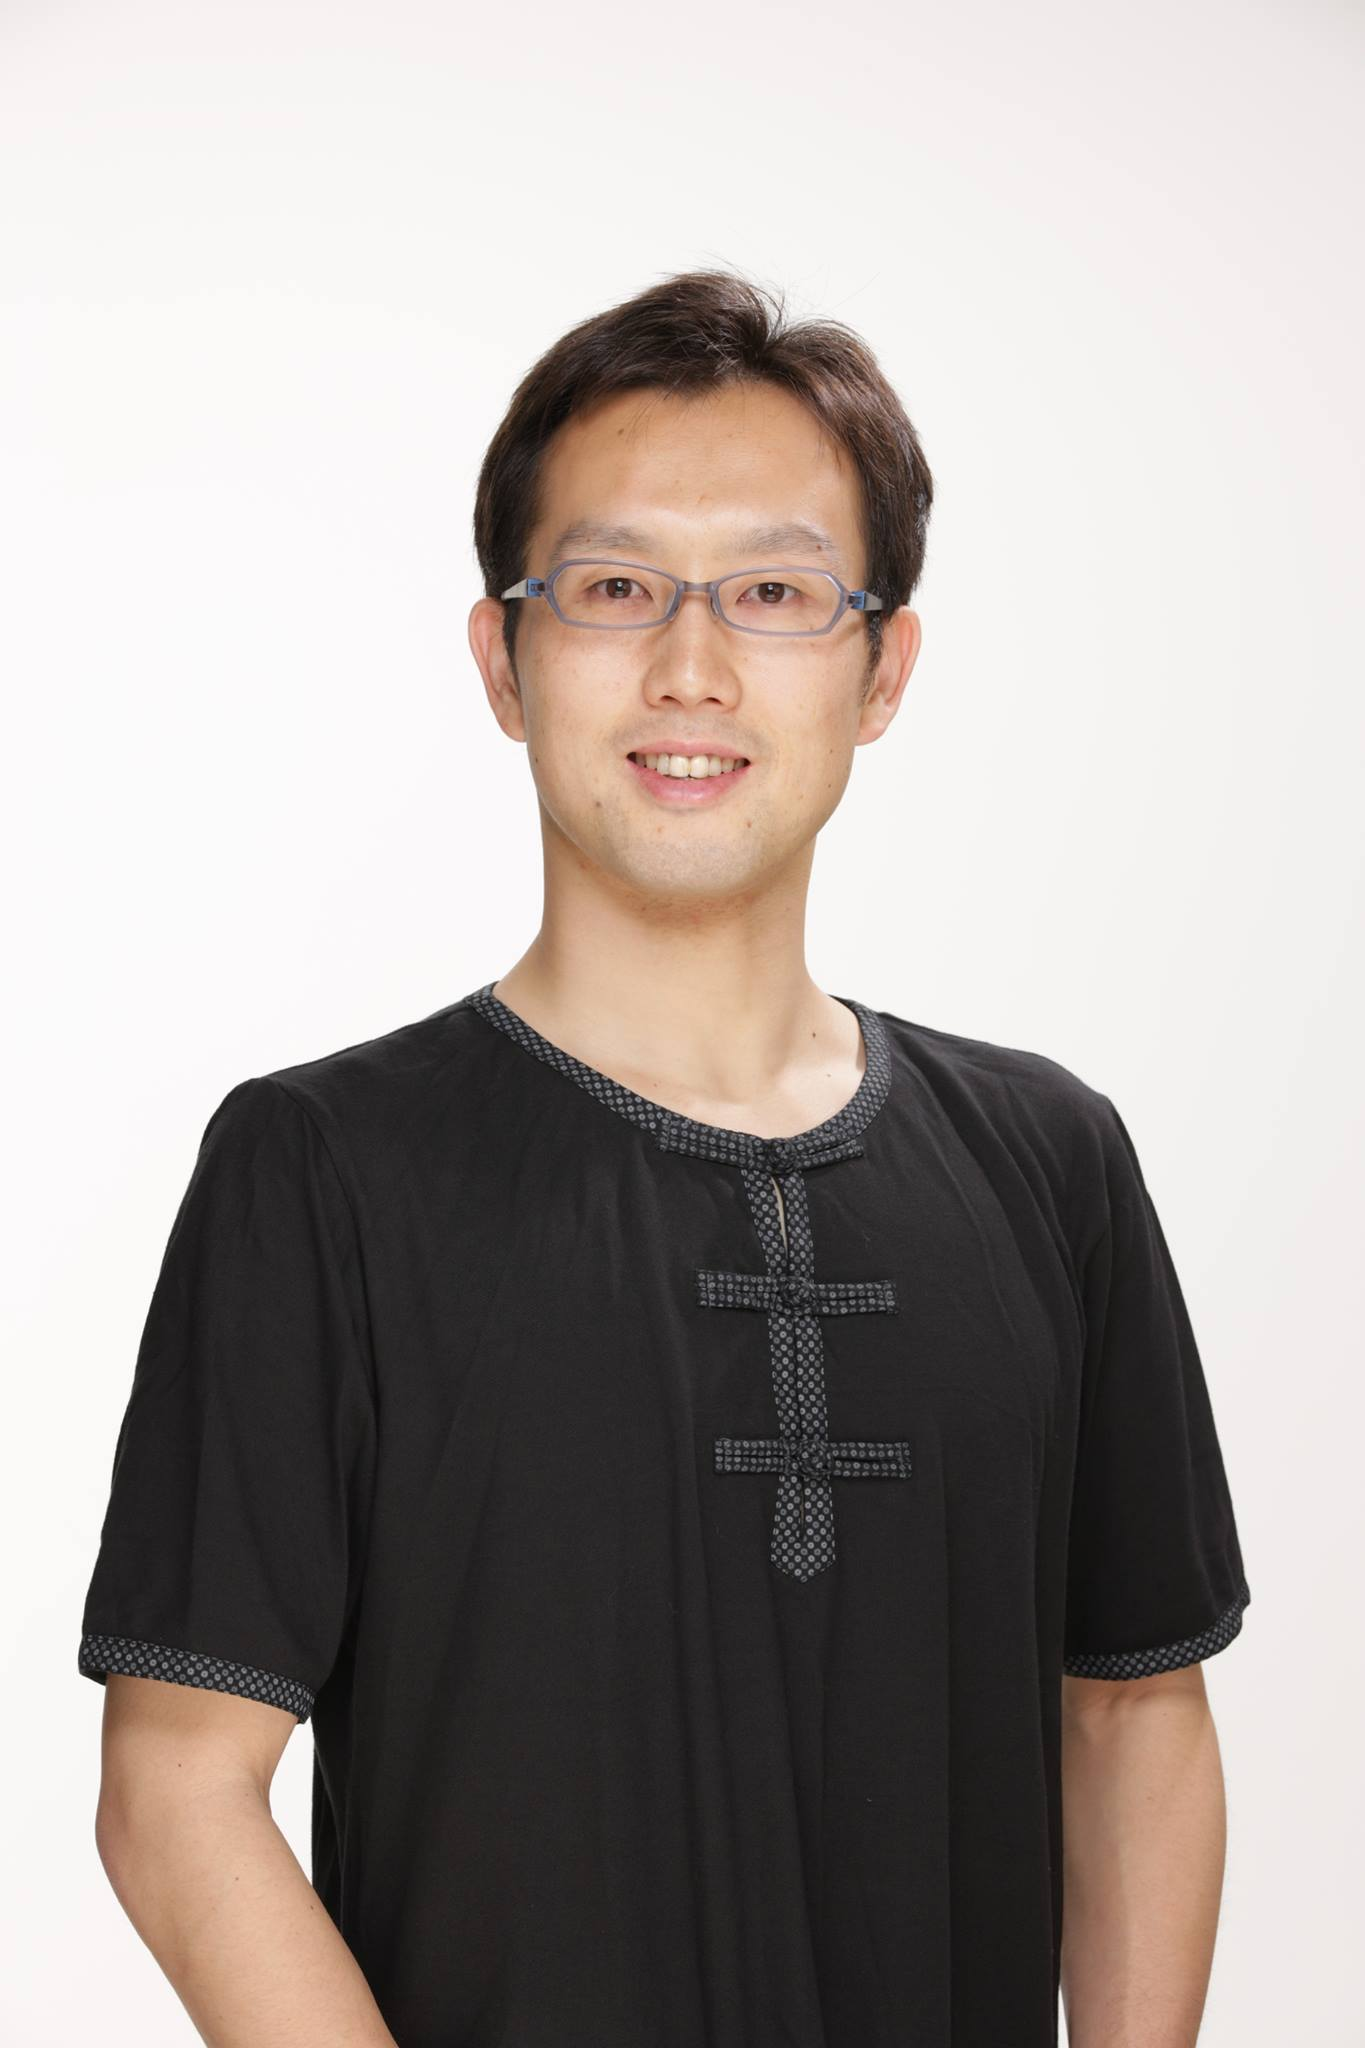 高橋先生顔写真